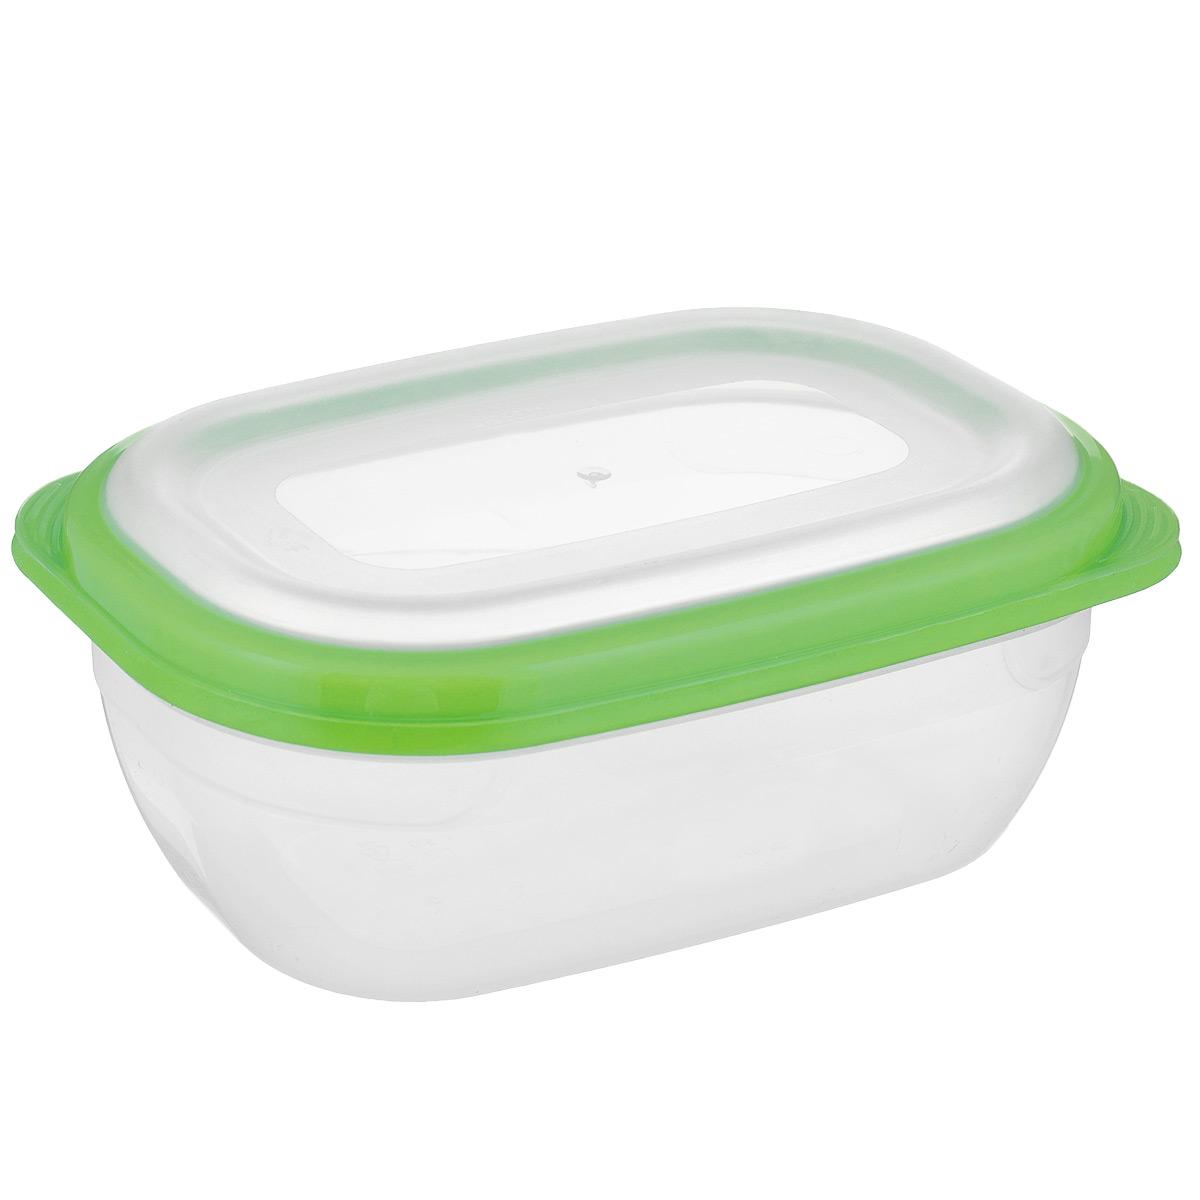 Контейнер для СВЧ Полимербыт Премиум, цвет: салатовый, прозрачный, 0,5 лС560 салатовыйПрямоугольный контейнер для СВЧ Полимербыт Премиум изготовлен из высококачественного прочного пластика, устойчивого к высоким температурам (до +110°С). Крышка плотно и герметично закрывается, дольше сохраняя продукты свежими и вкусными. Контейнер идеально подходит для хранения пищи, его удобно брать с собой на работу, учебу, пикник или просто использовать для хранения пищи в холодильнике. Подходит для разогрева пищи в микроволновой печи и для заморозки в морозильной камере (при минимальной температуре -40°С). Можно мыть в посудомоечной машине.